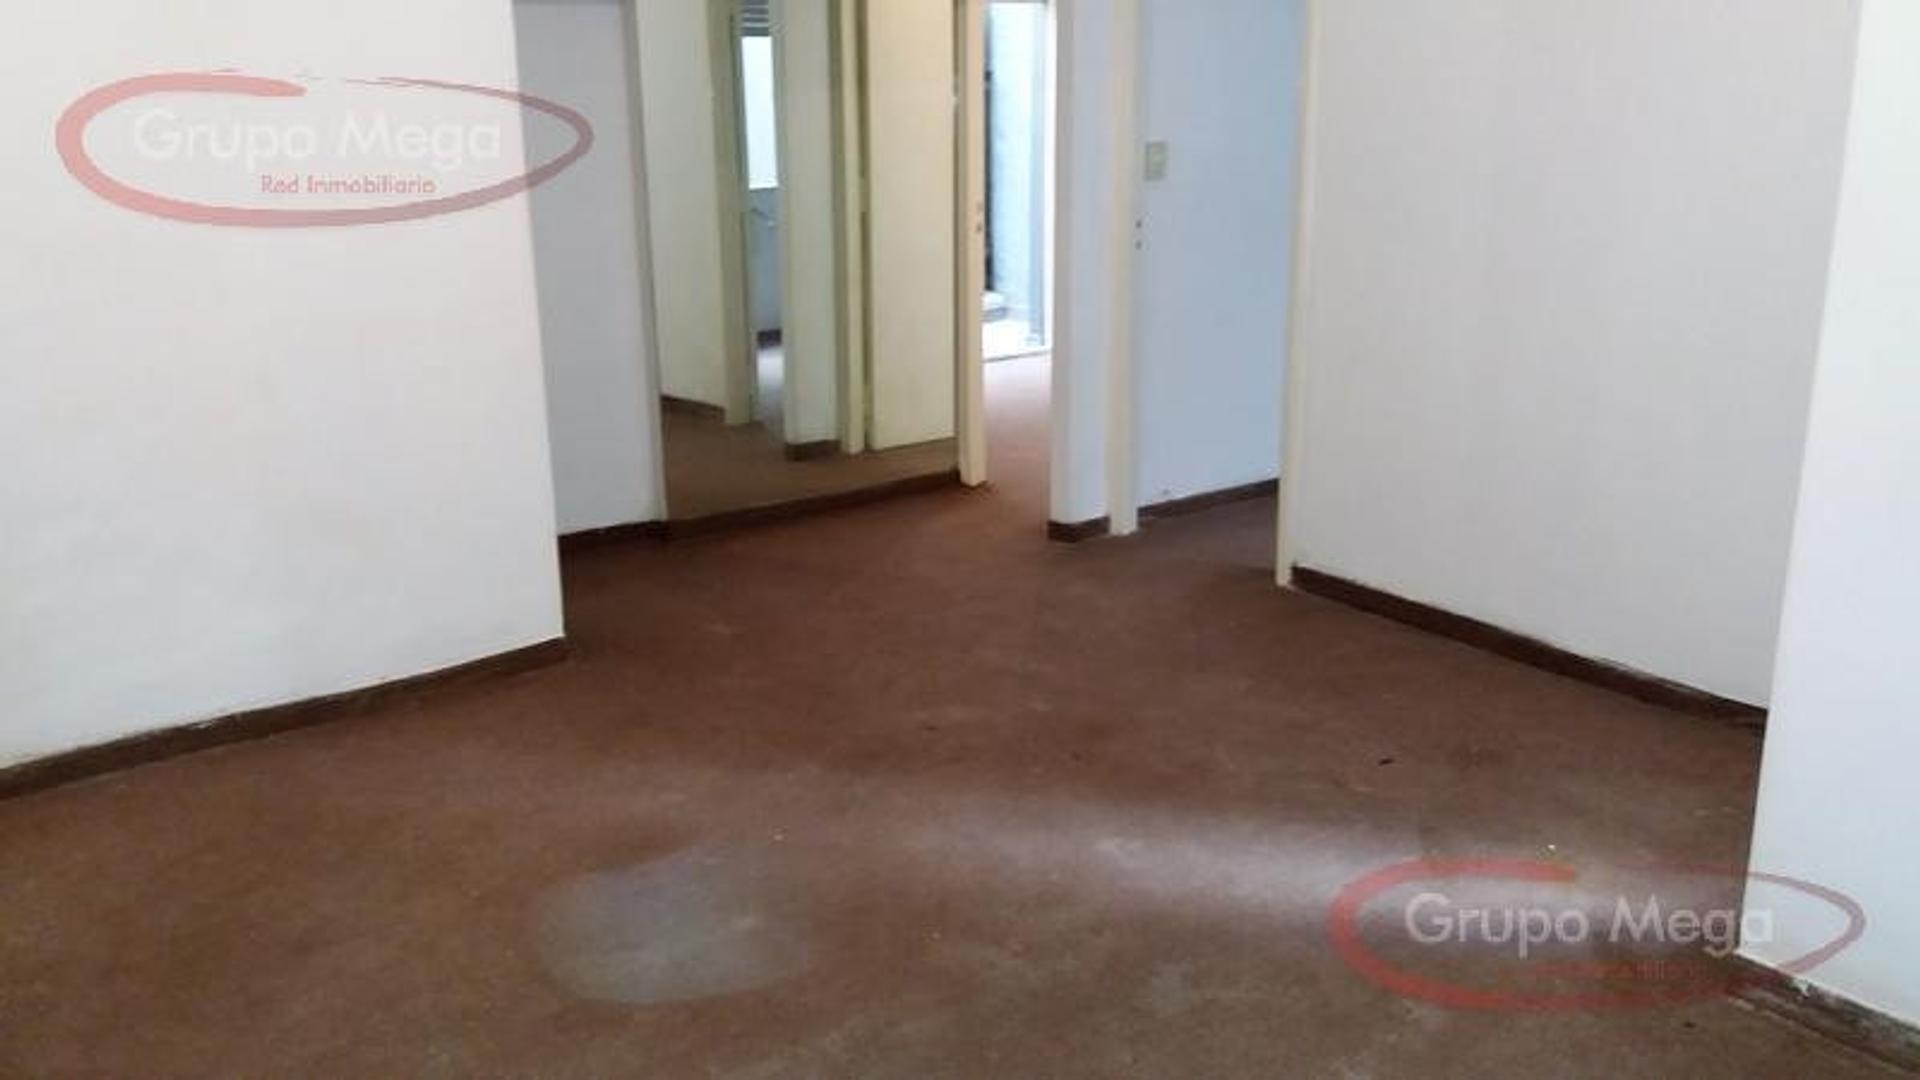 Departamento de 3 ambientes apto profesional en alquiler - San Nicolas